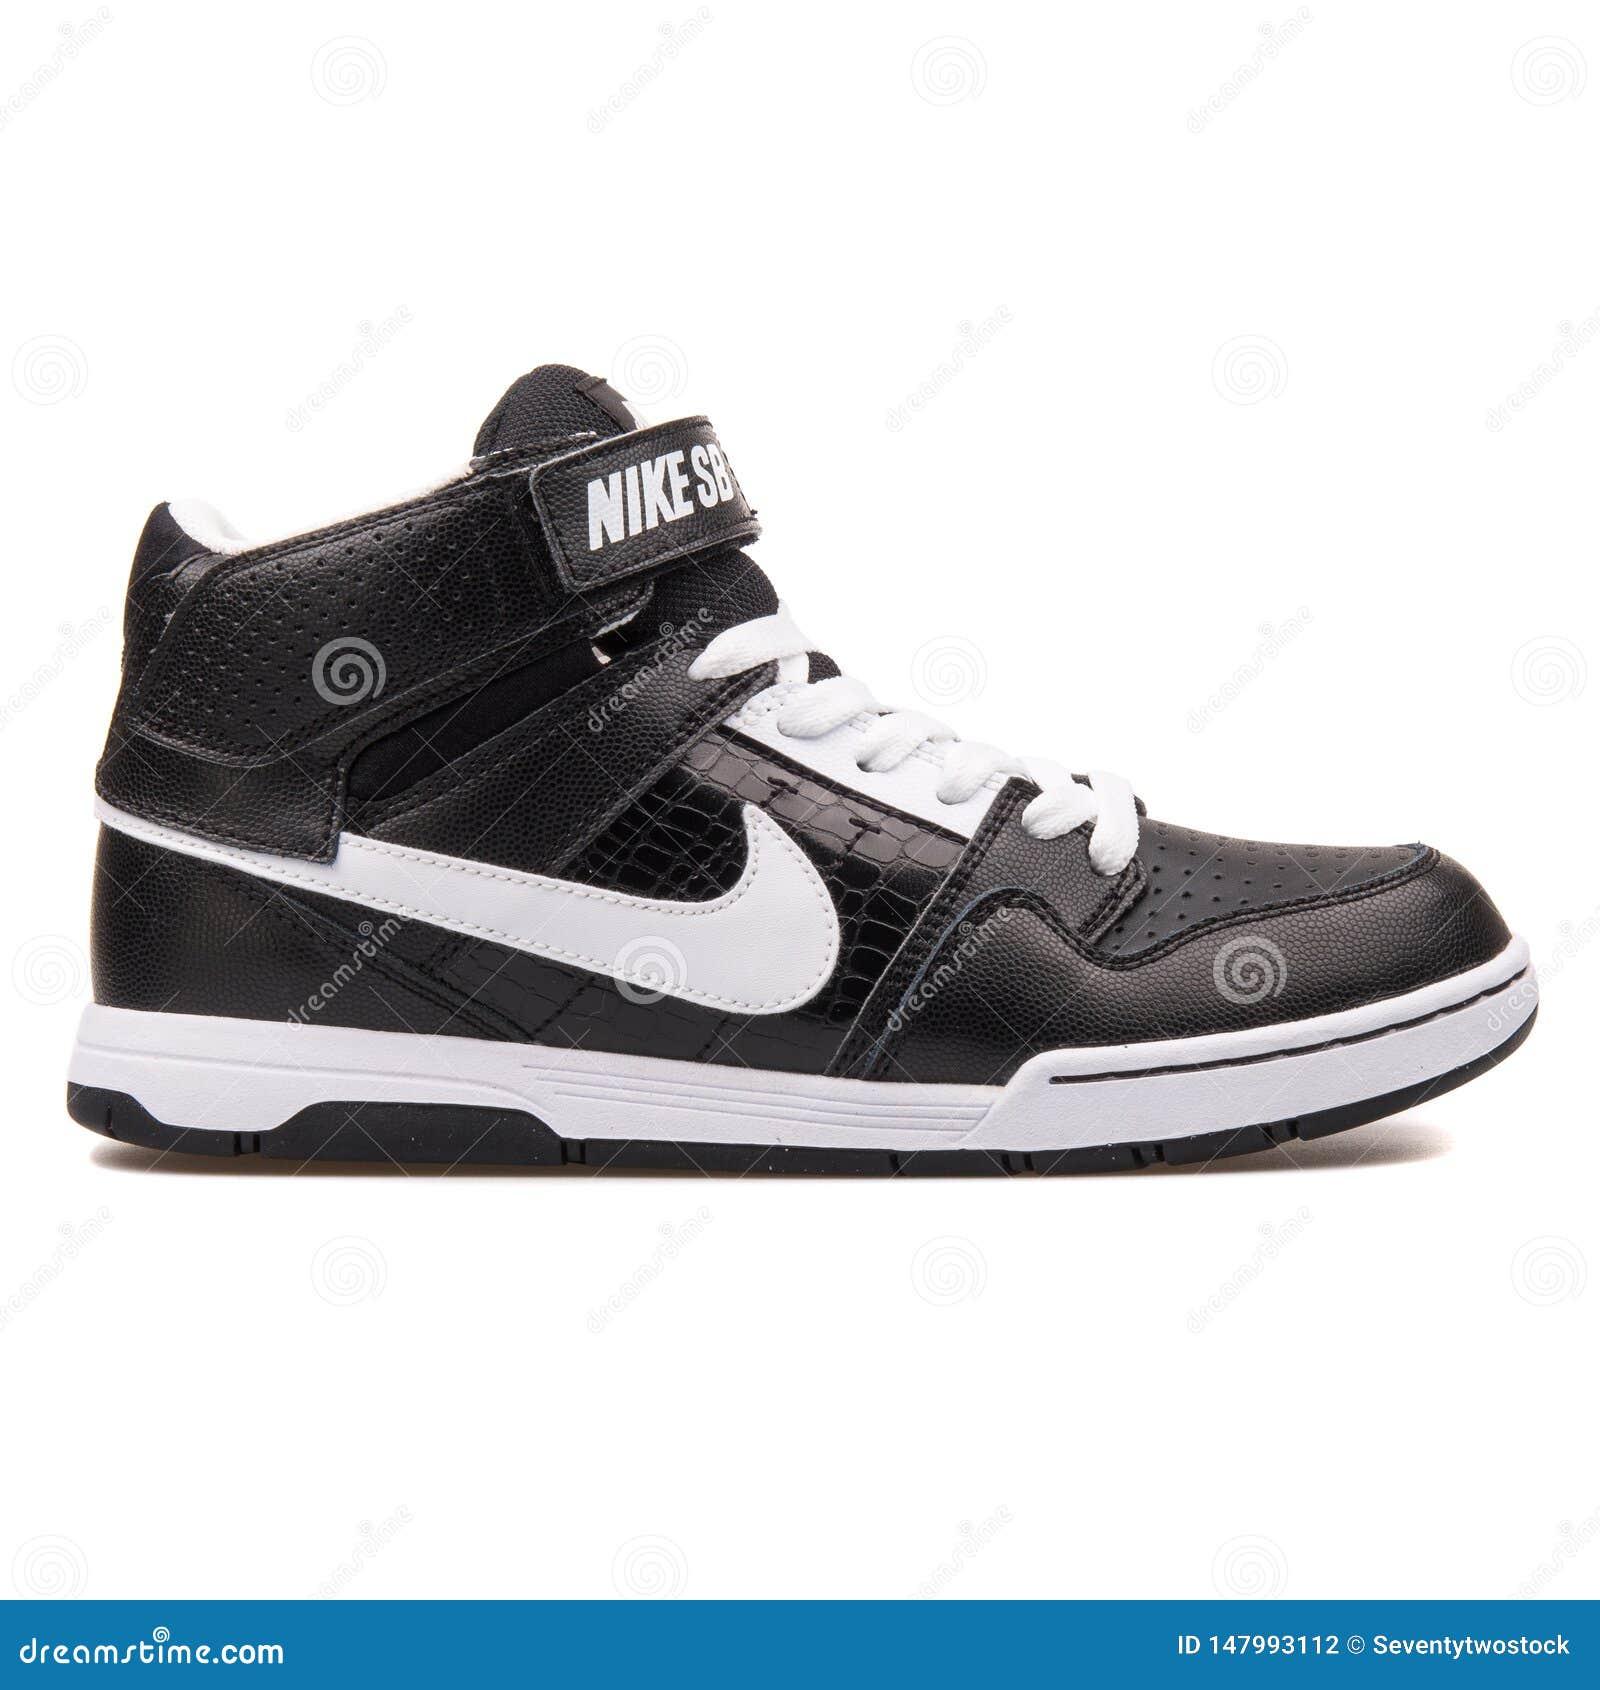 JR zapatilla de deporte blanco y negro de Nike Mogan Mid 2